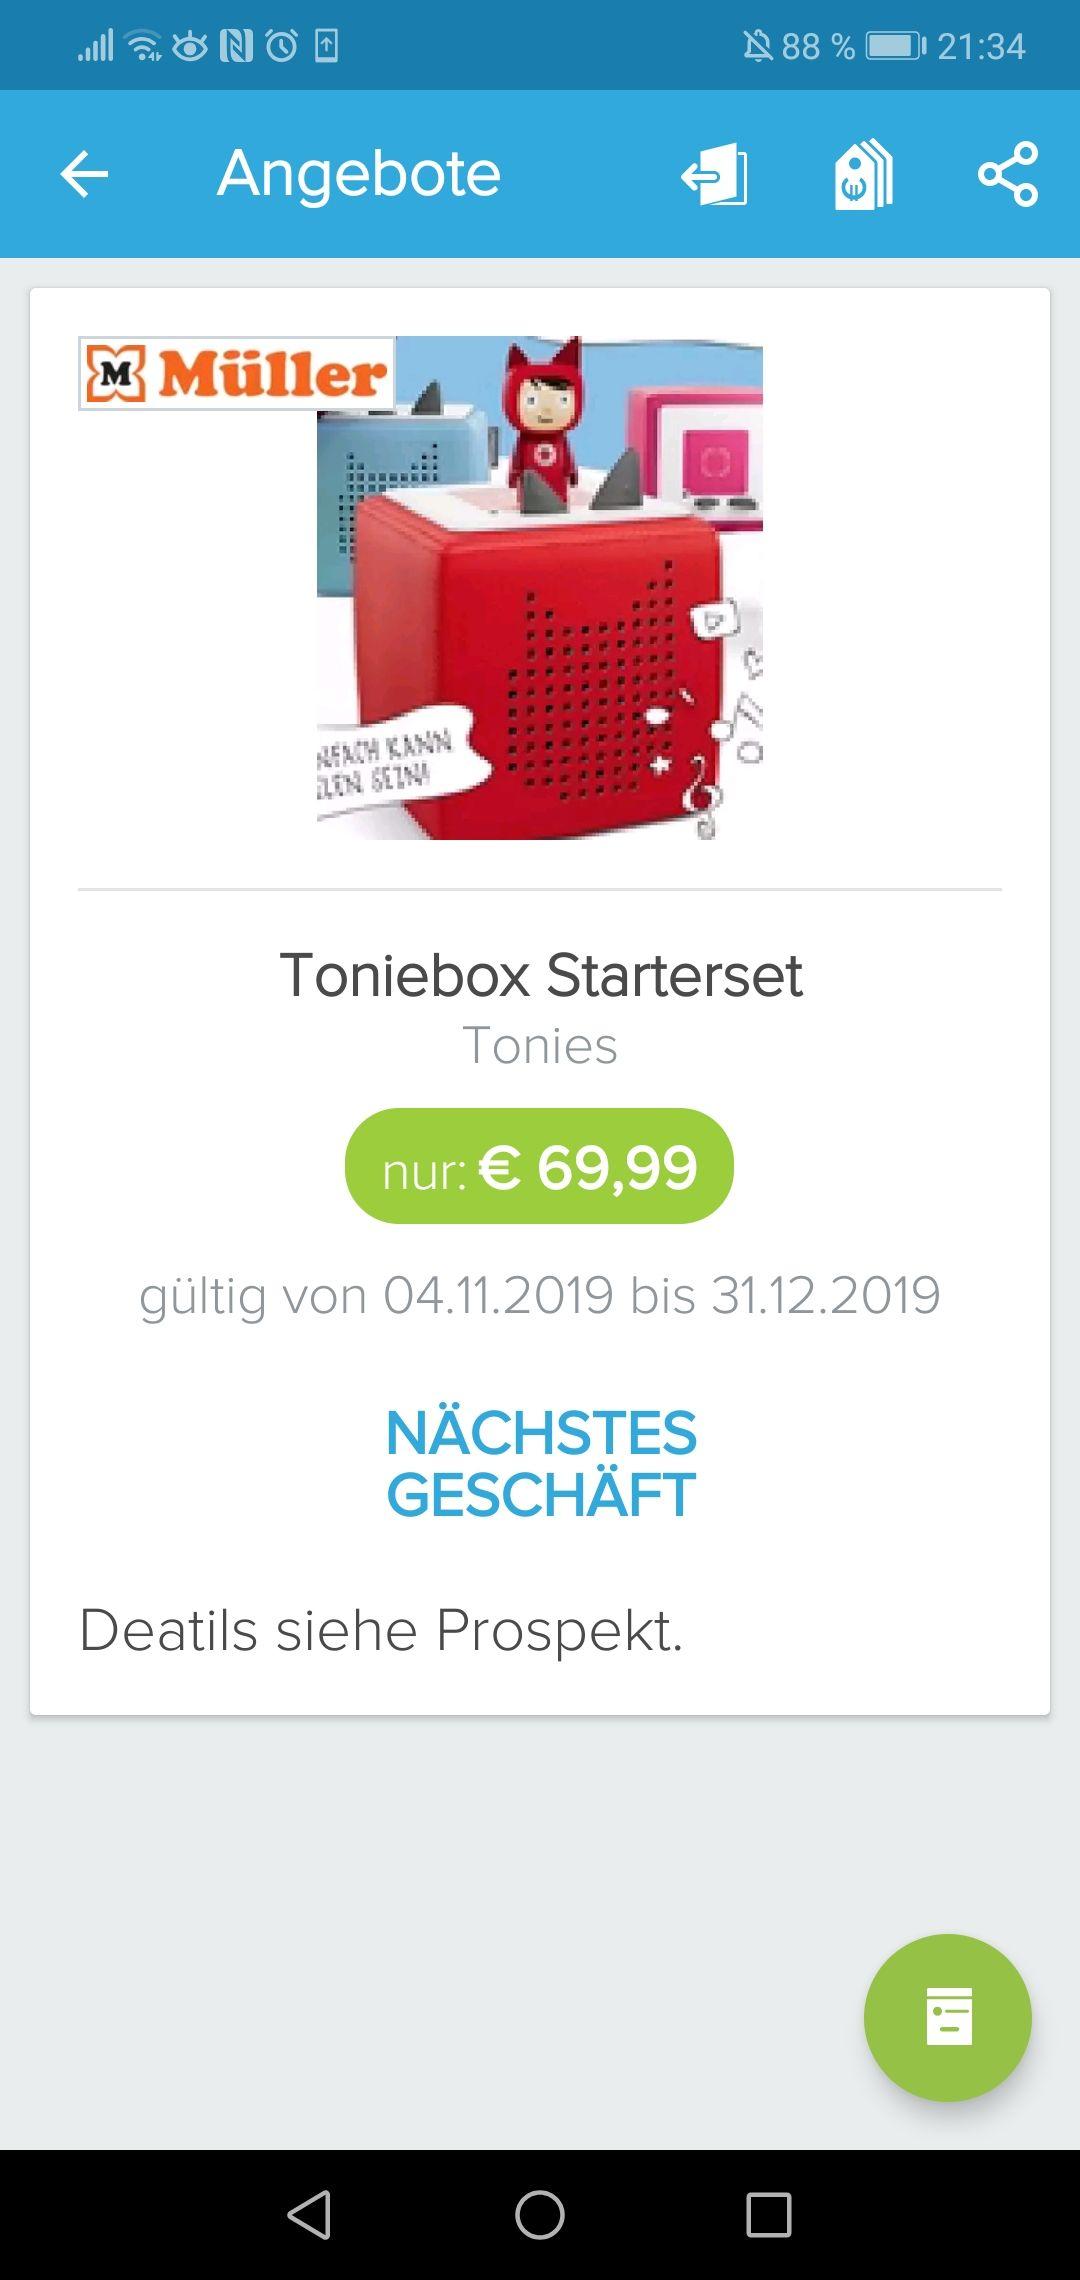 Toniebox Starterset bei Müller im Angebot für 69,99